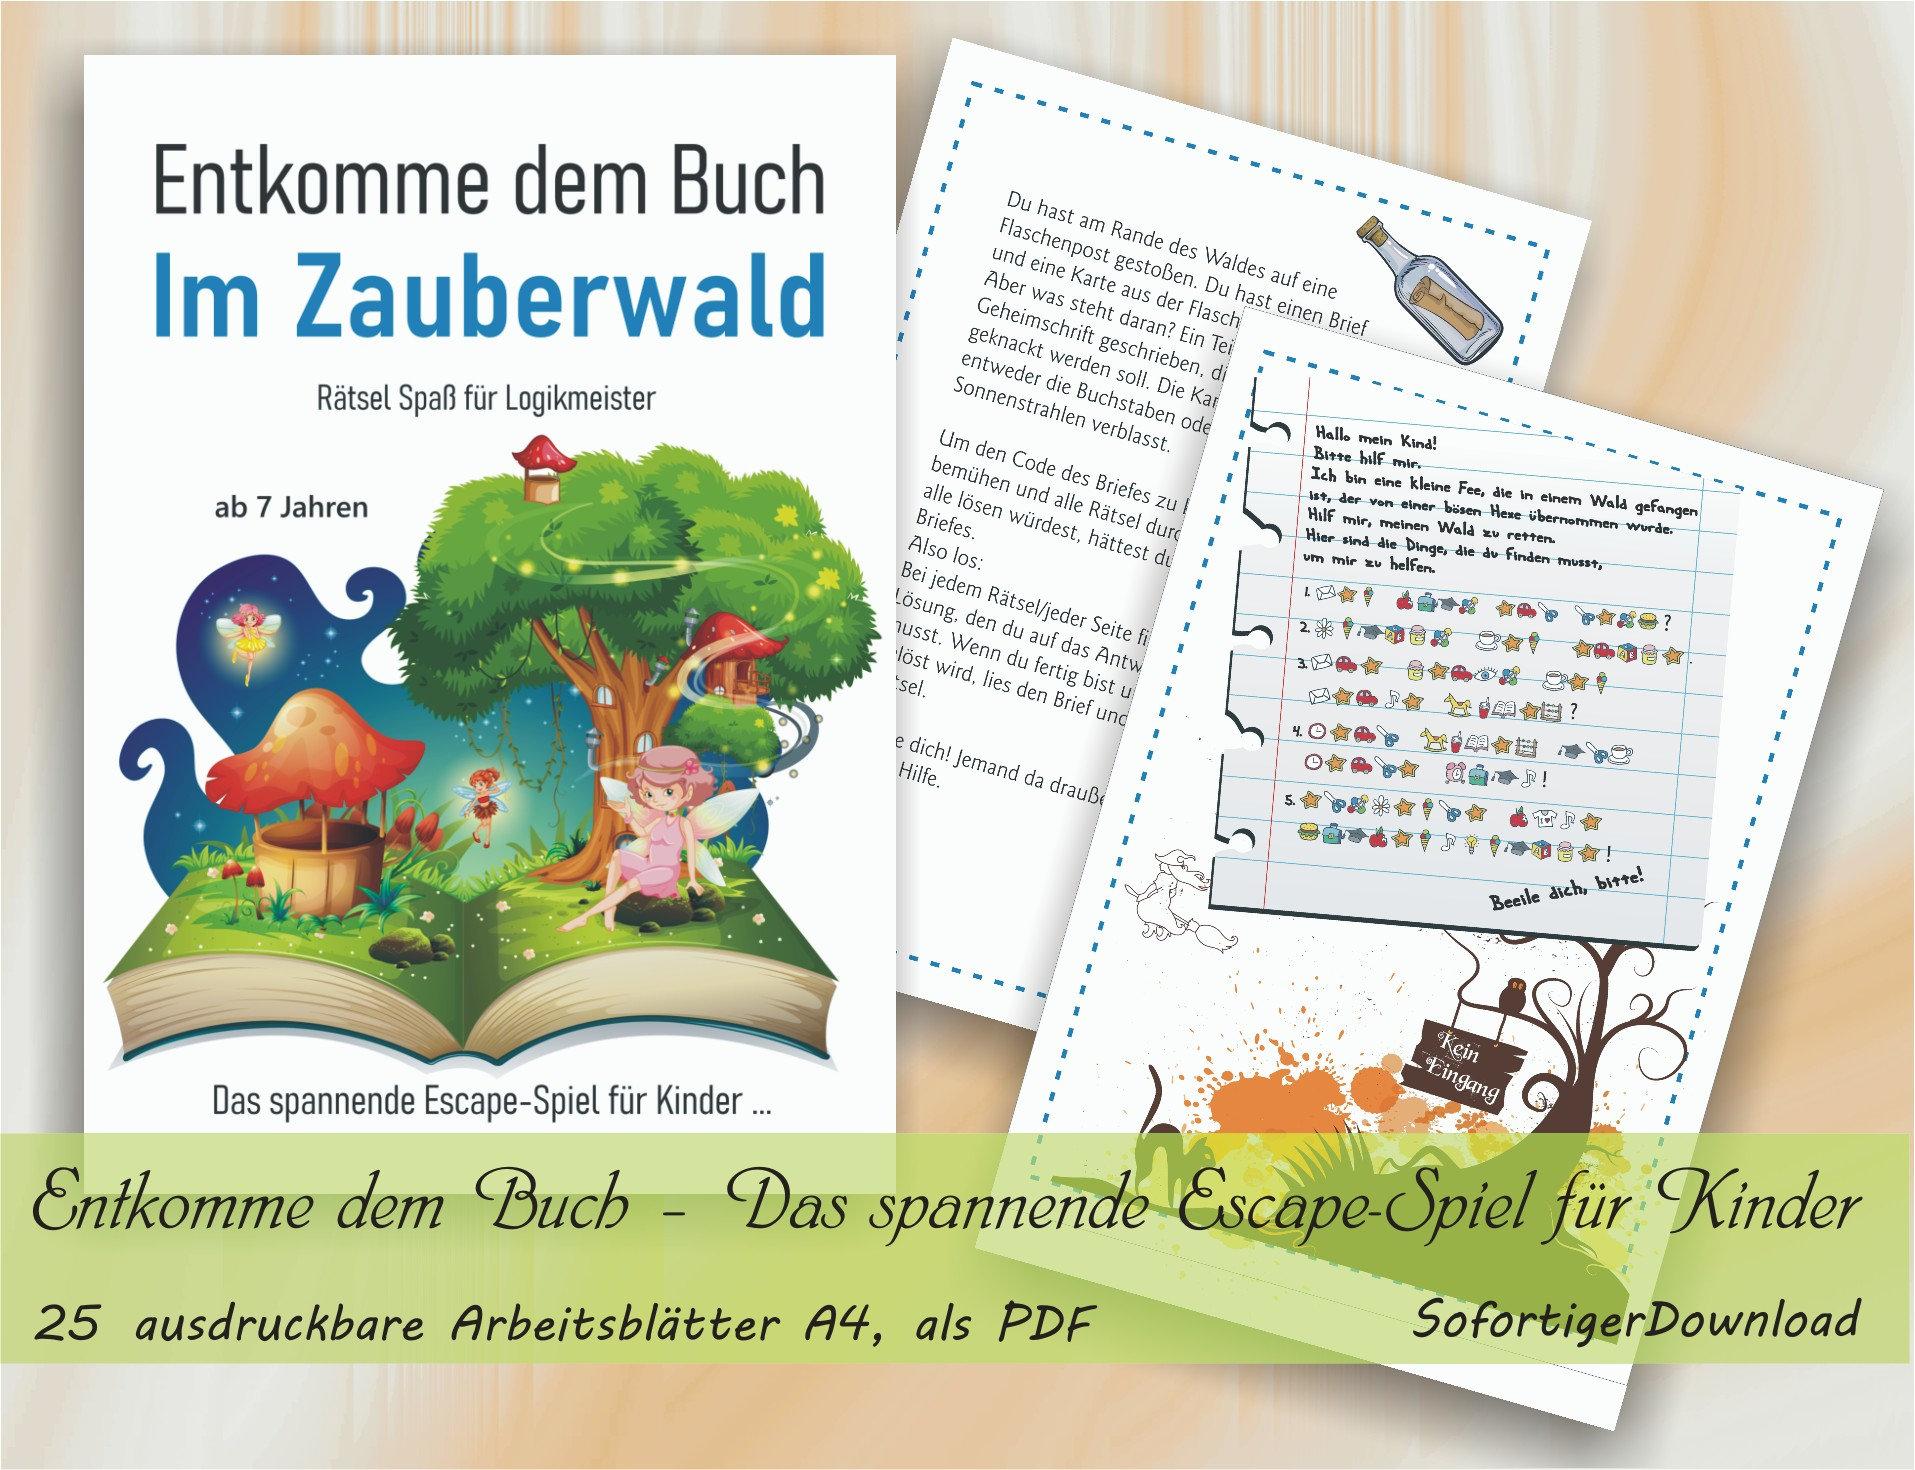 Entkomme dem Buch – Im Zauberwald – Das spannende Escape Spiel für Kinder  ...   20 ausdruckbare Arbeitsblätter mit Lösungen A20, als PDF